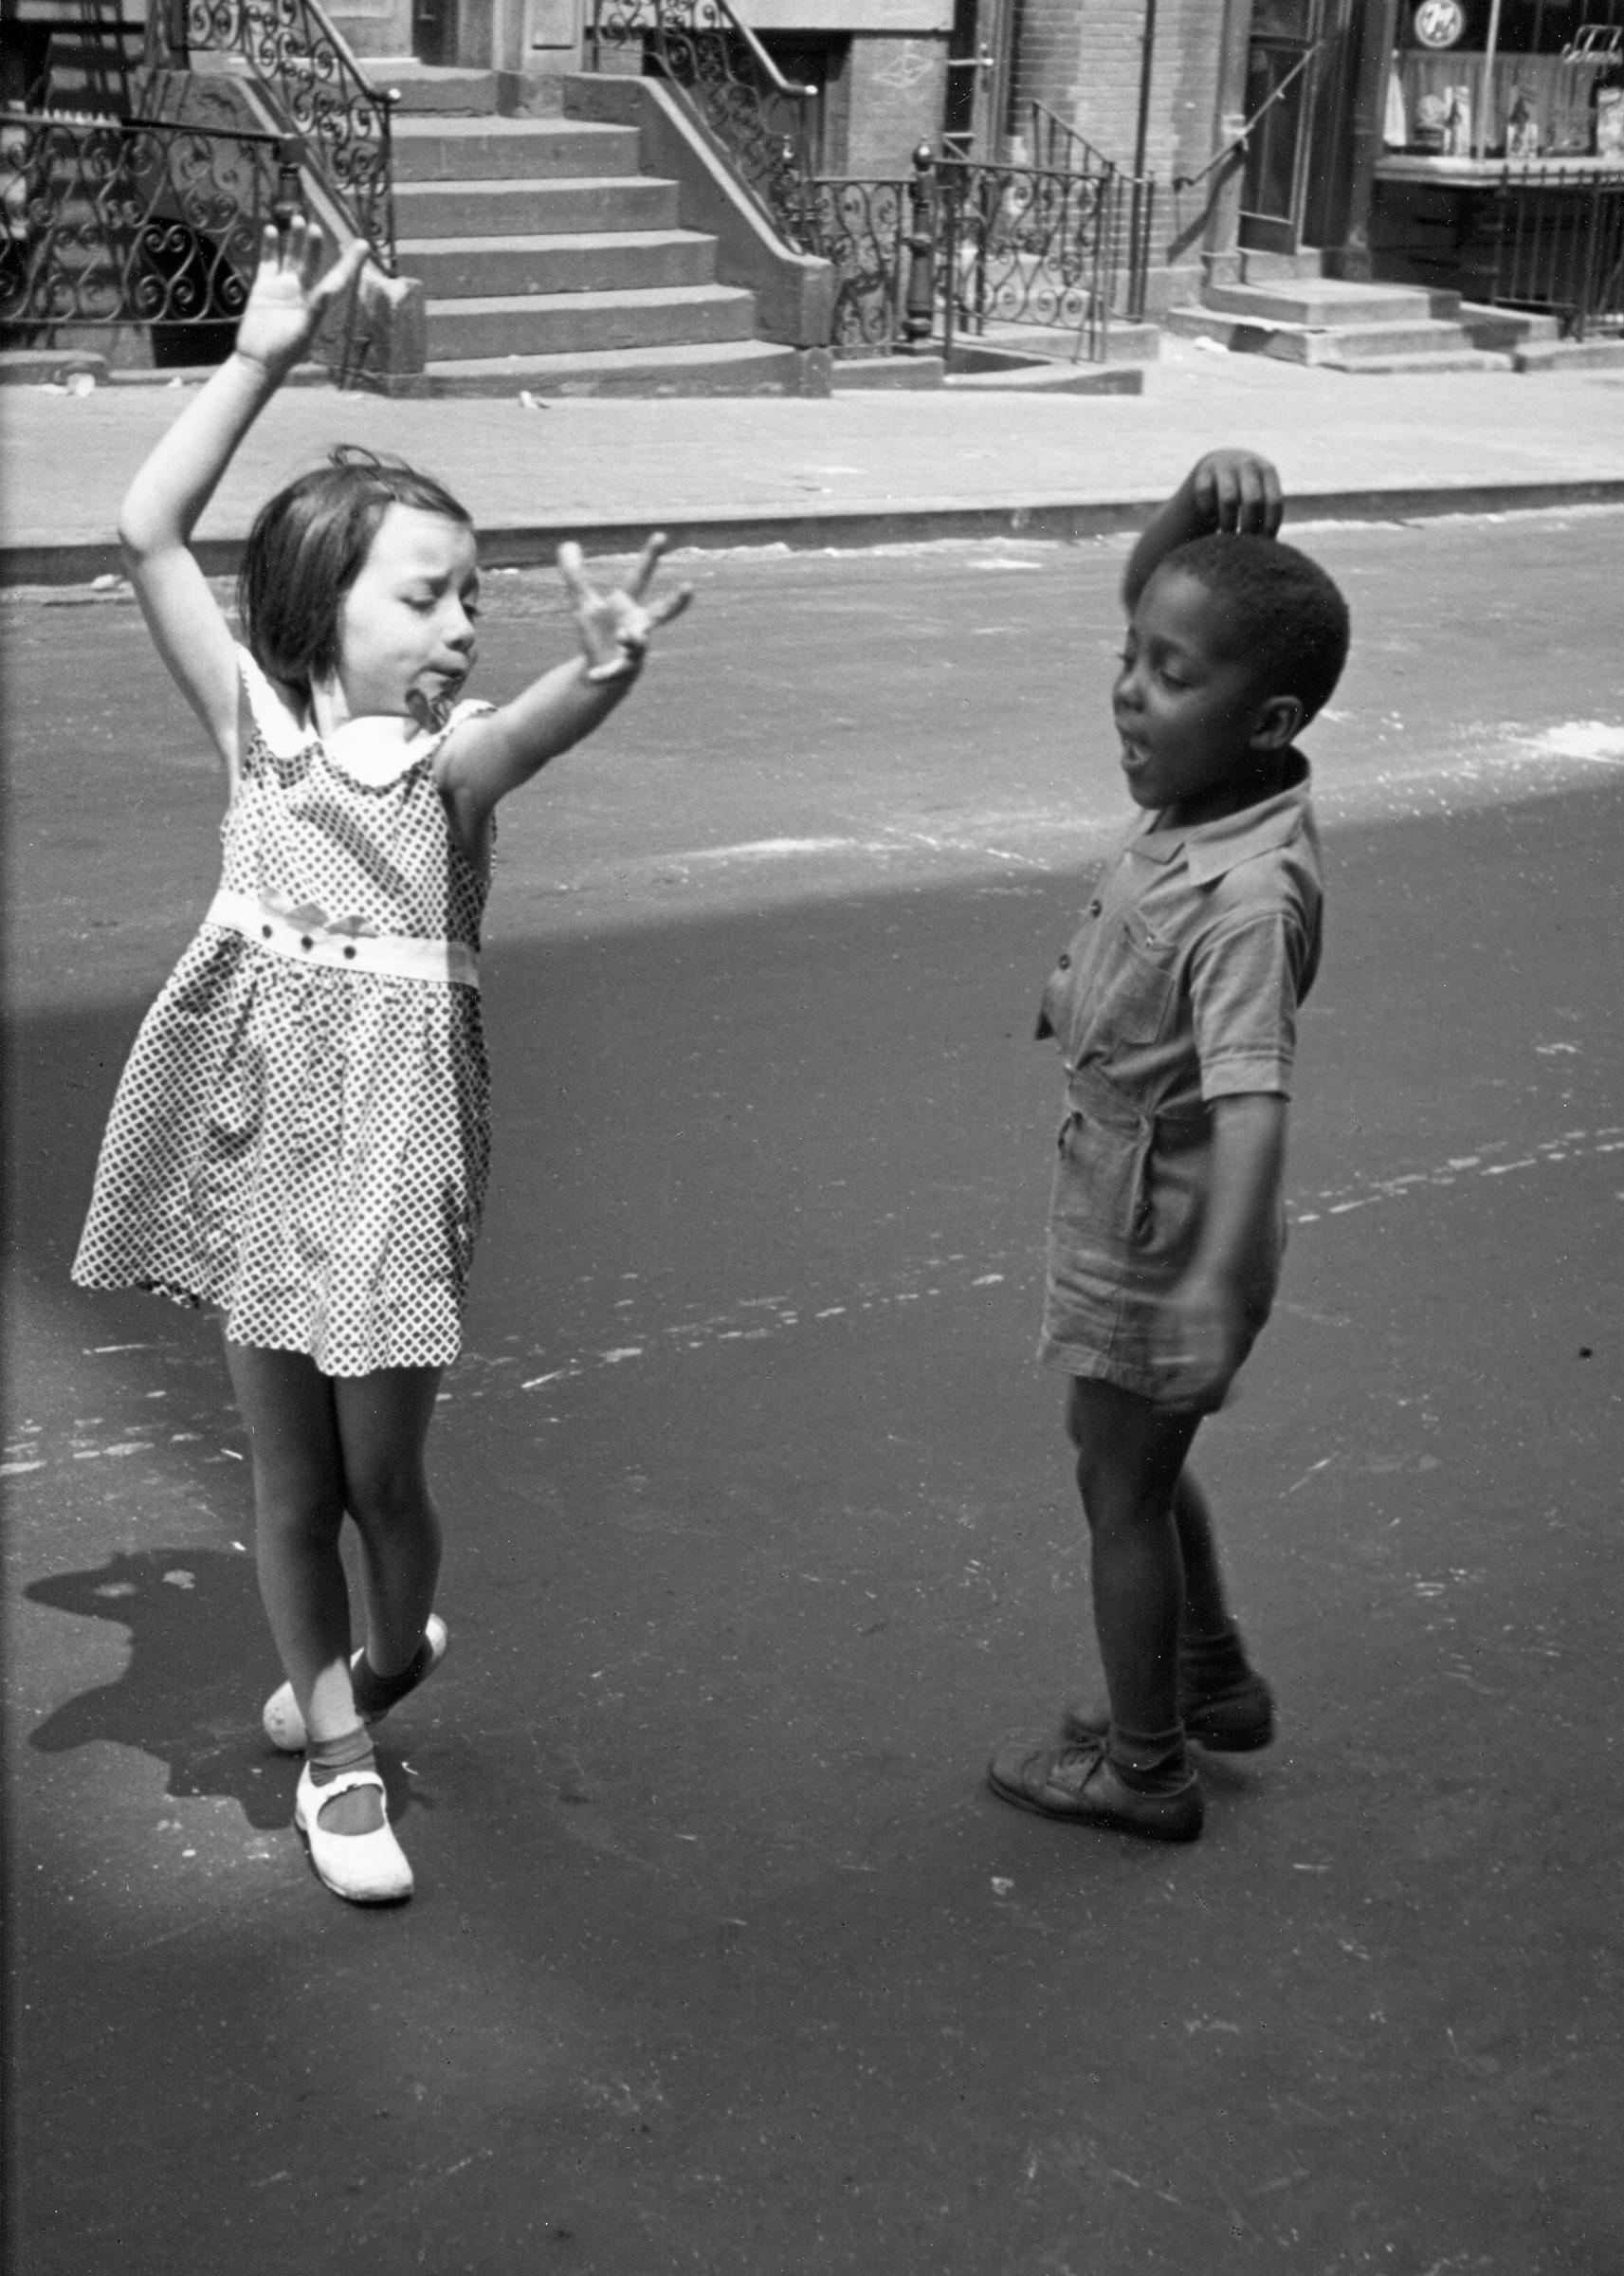 Un nen i una nena ballant al carrer.